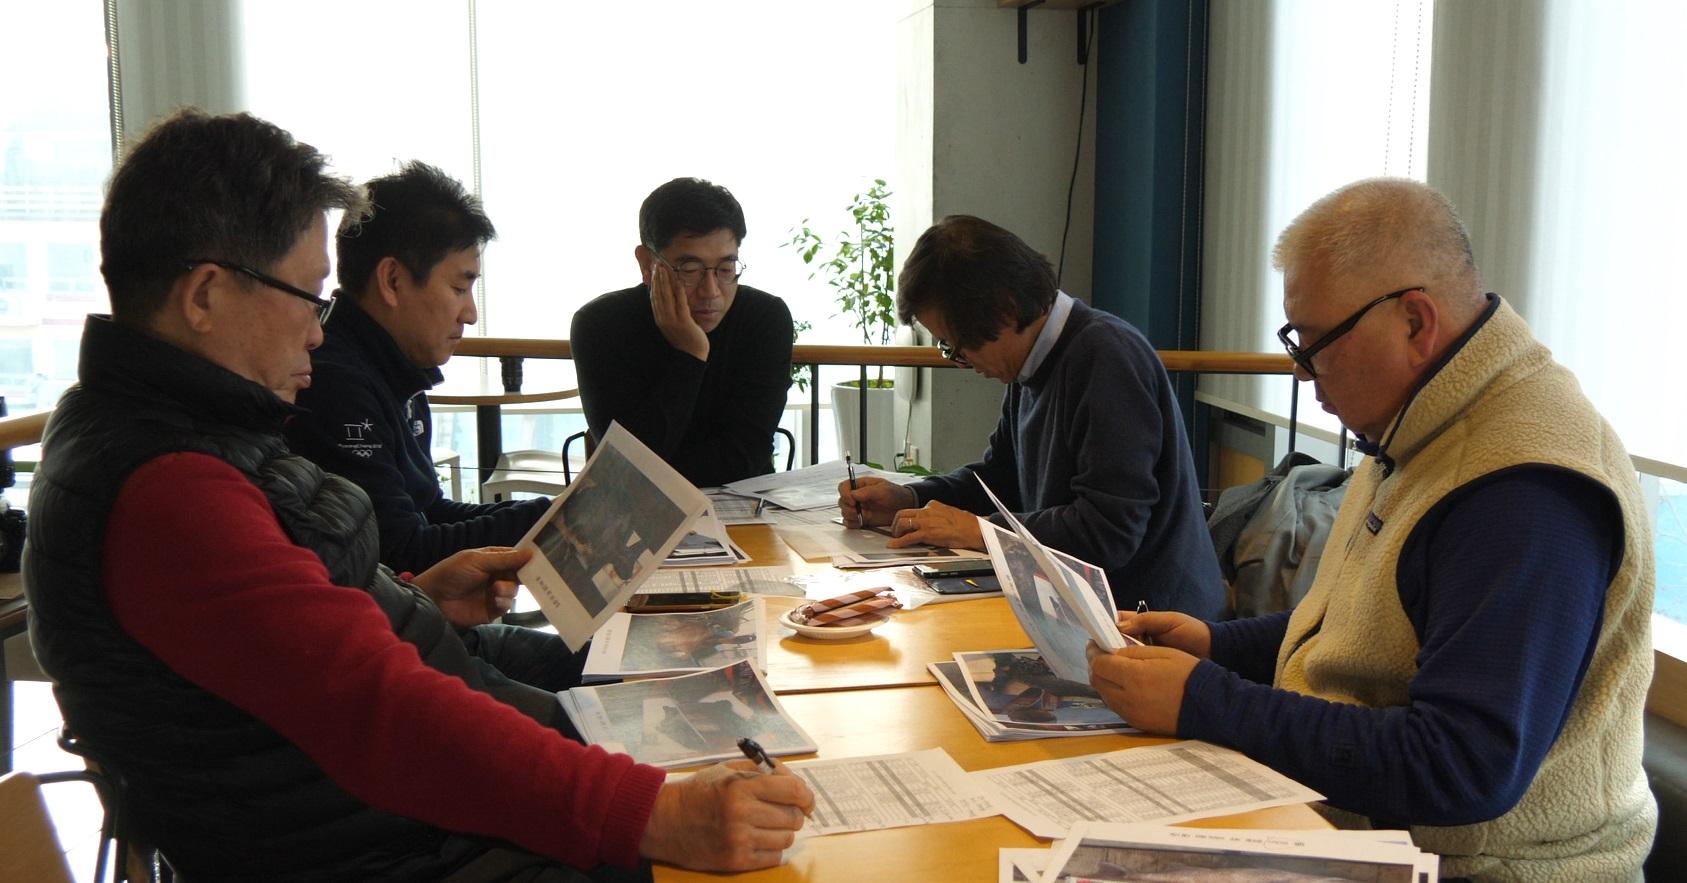 2017년 낚시최대어, 가물치·벵에돔·붉바리·방어·삼치·노랑볼락 등 6개 역대 기록 갱신